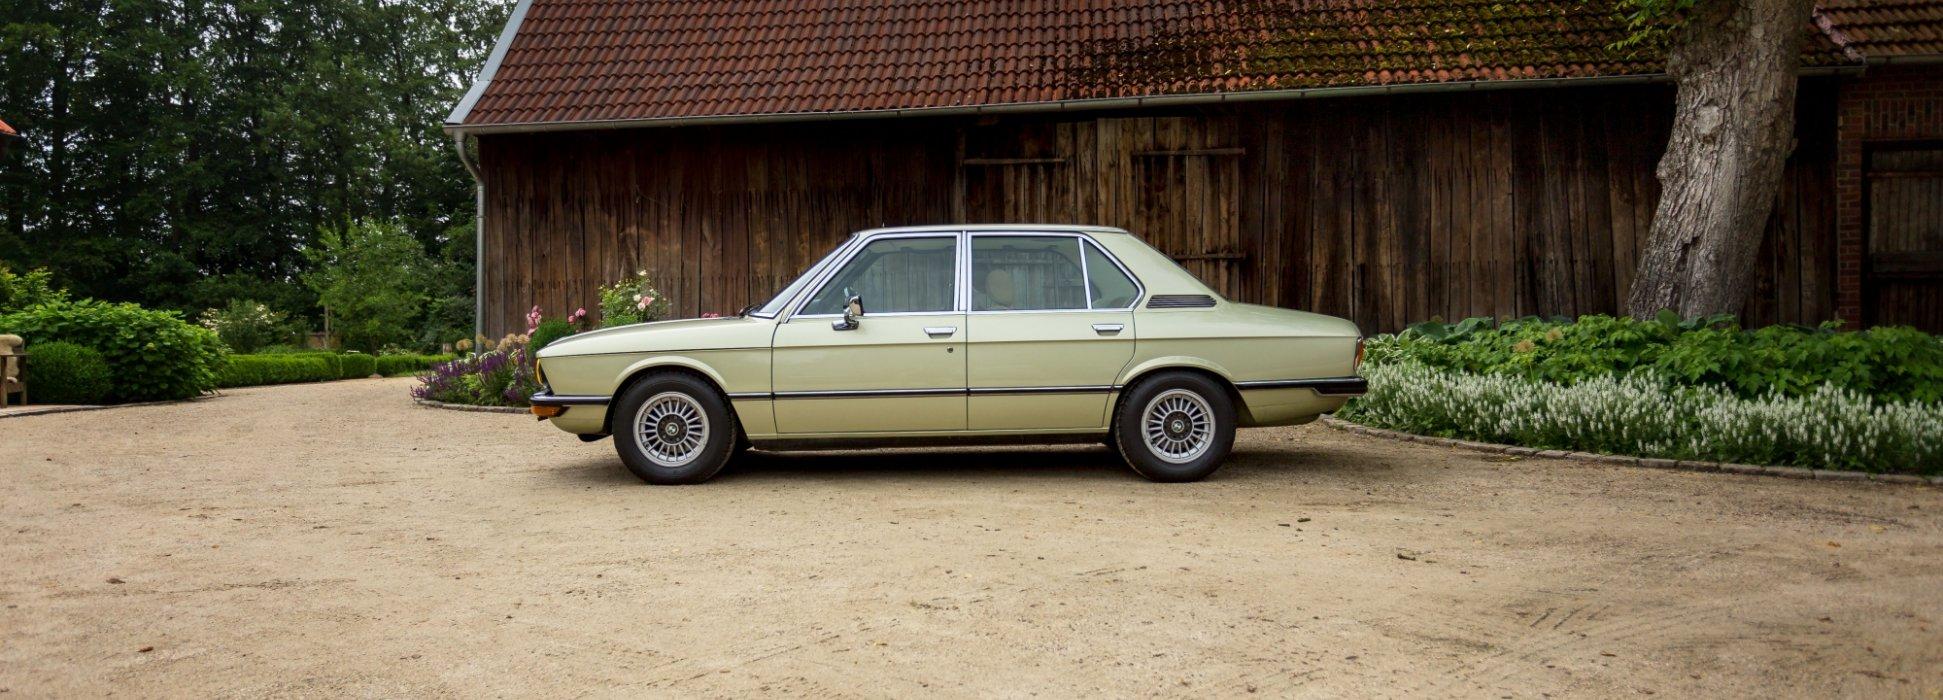 BMW 525 E12 Limousine 1976 2